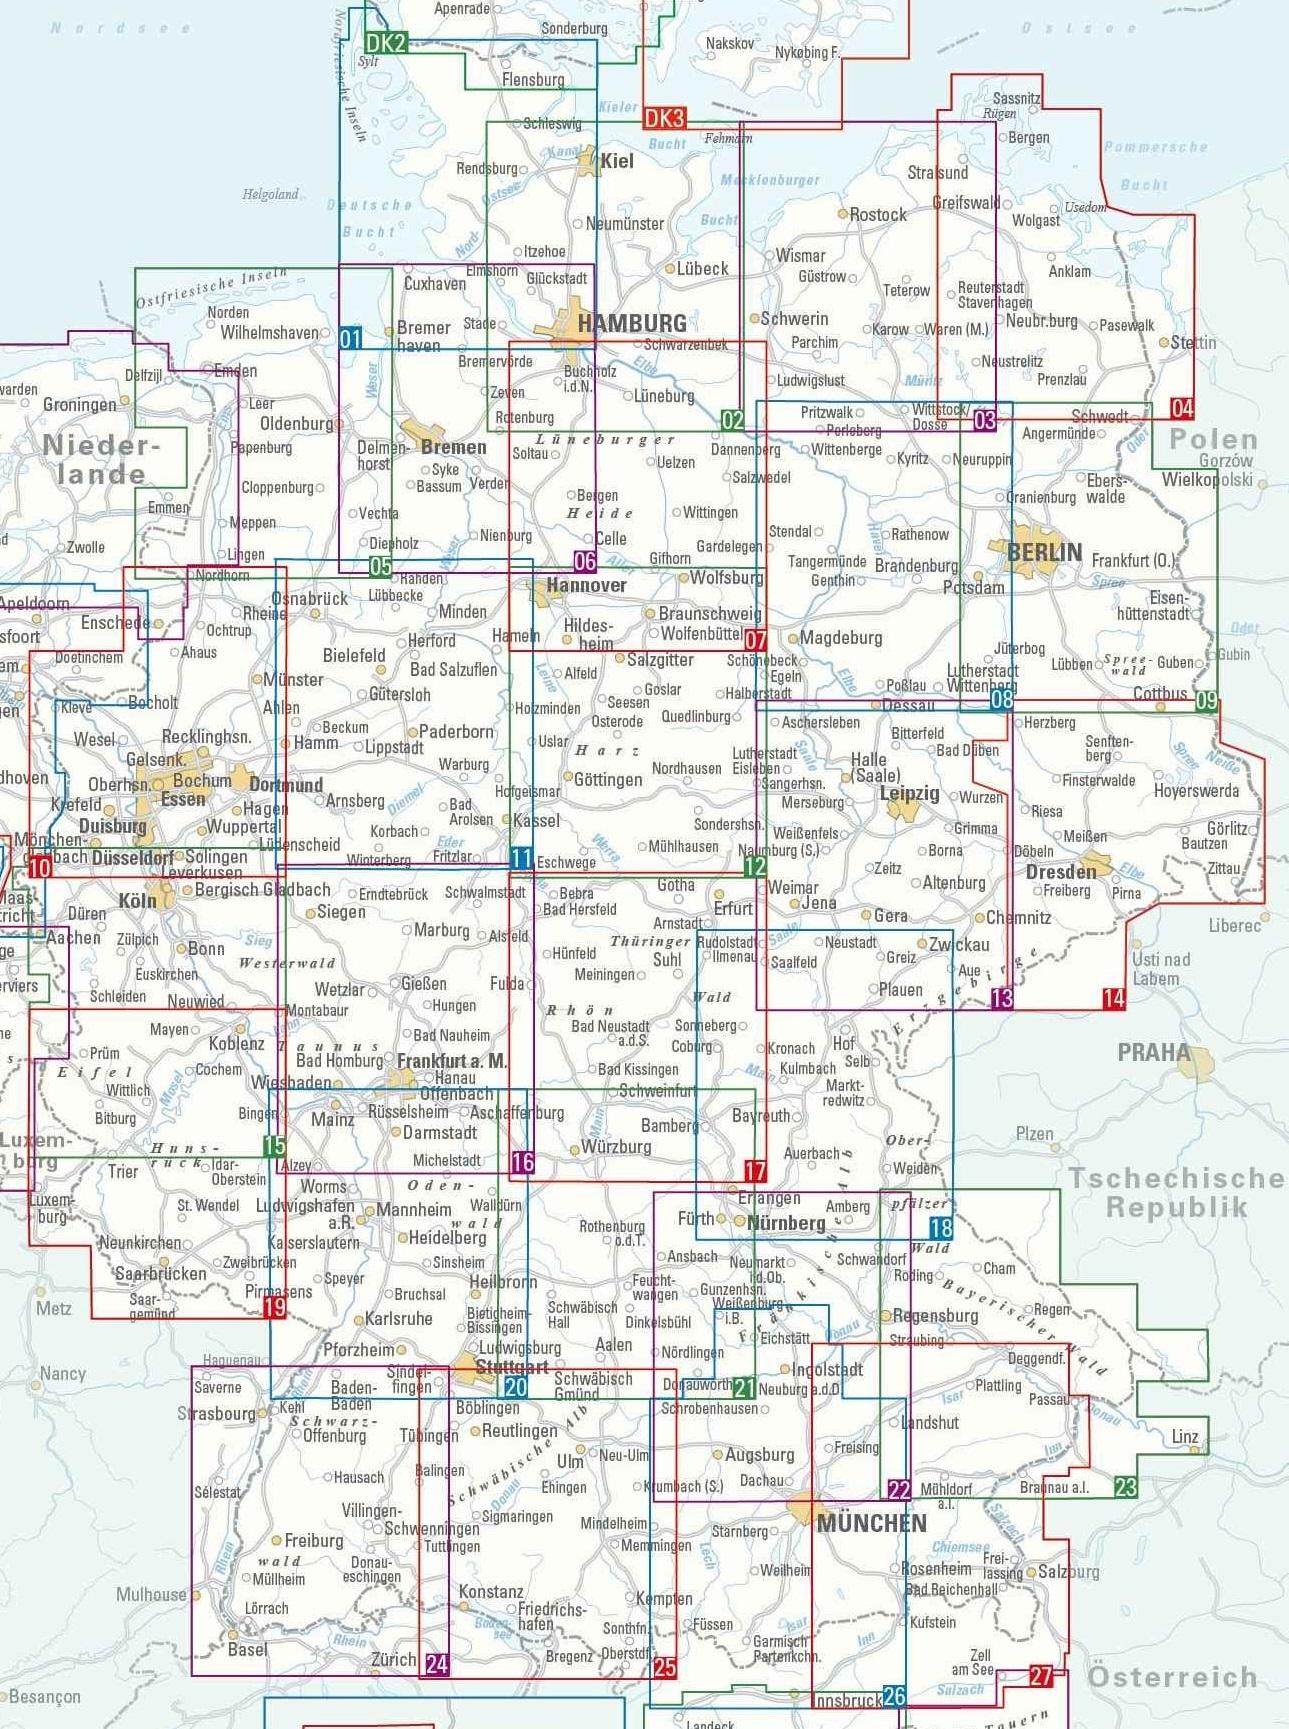 Schwäbische Alb Karte Städte.Adfc Radtourenkarte 25 Bodensee Schwäbische Alb Radwanderkarte 1 150 000